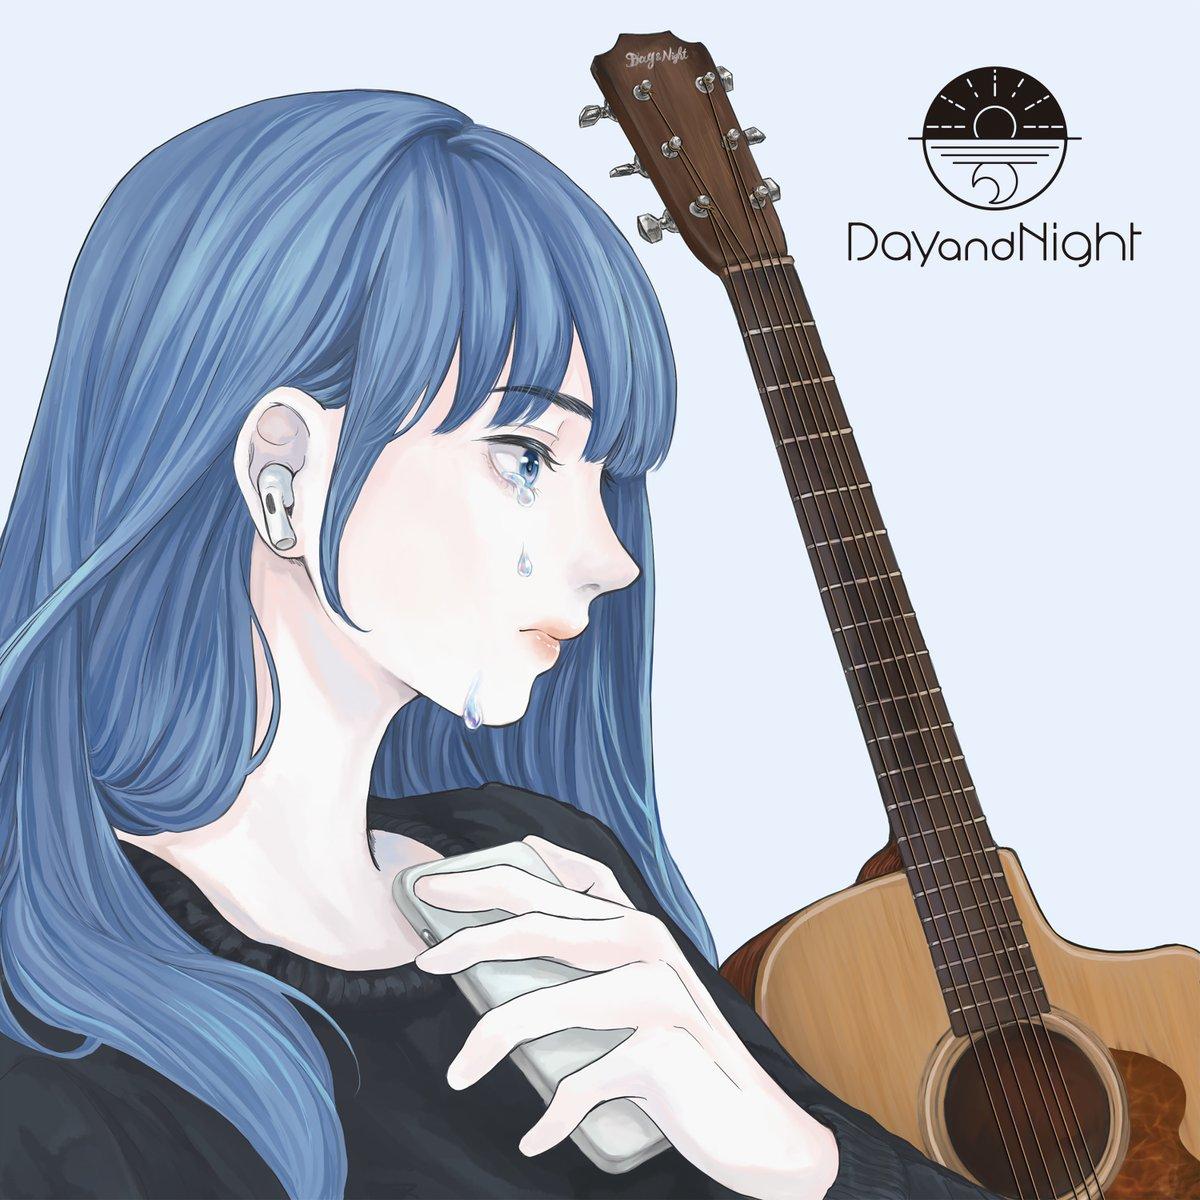 """等⾝⼤のメロディーを⽣み出す2⼈組ツインギターボーカルユニット""""Day and Night(デイアンドナイト)""""カバーソン..."""